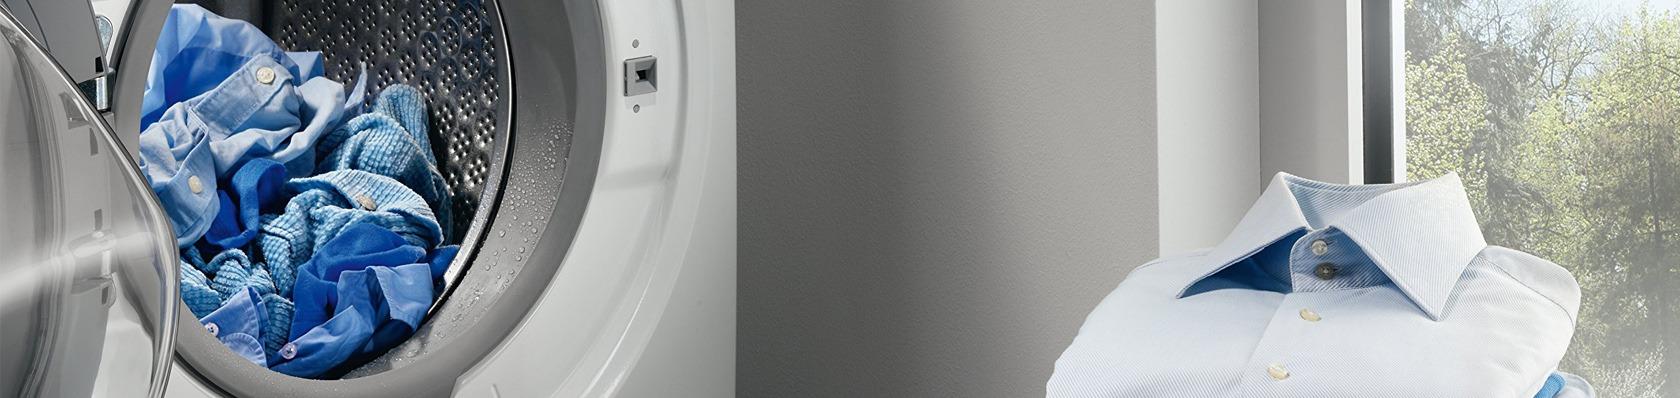 Wäschetrockner im Test auf ExpertenTesten.de